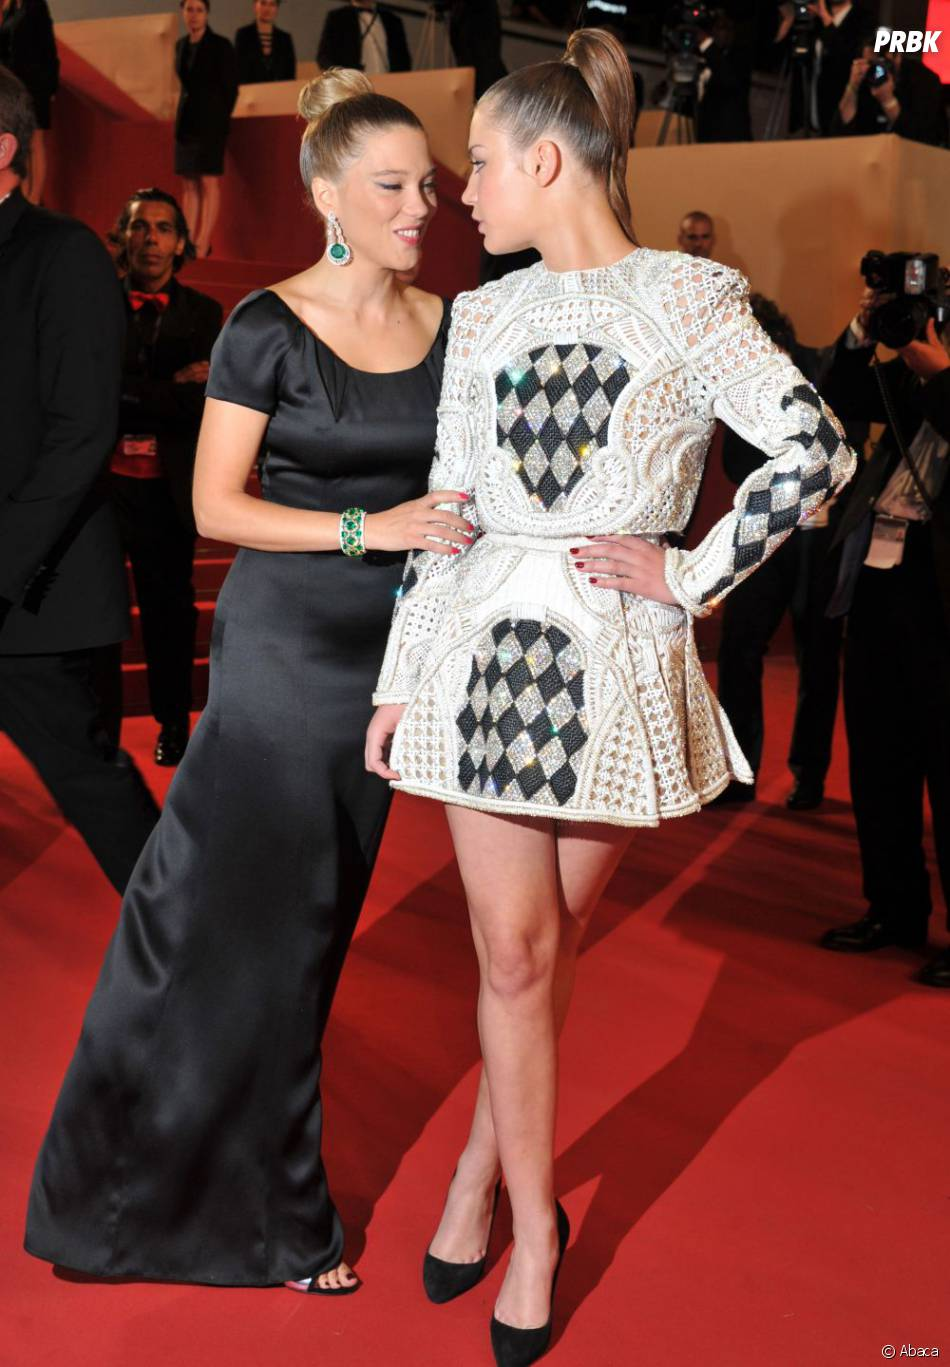 La Vie d'Adèle d'Abdellatif Kechiche, avec Léa Seydoux et Adèle Exarchopoulos, comporte des scènes de sexe explicites